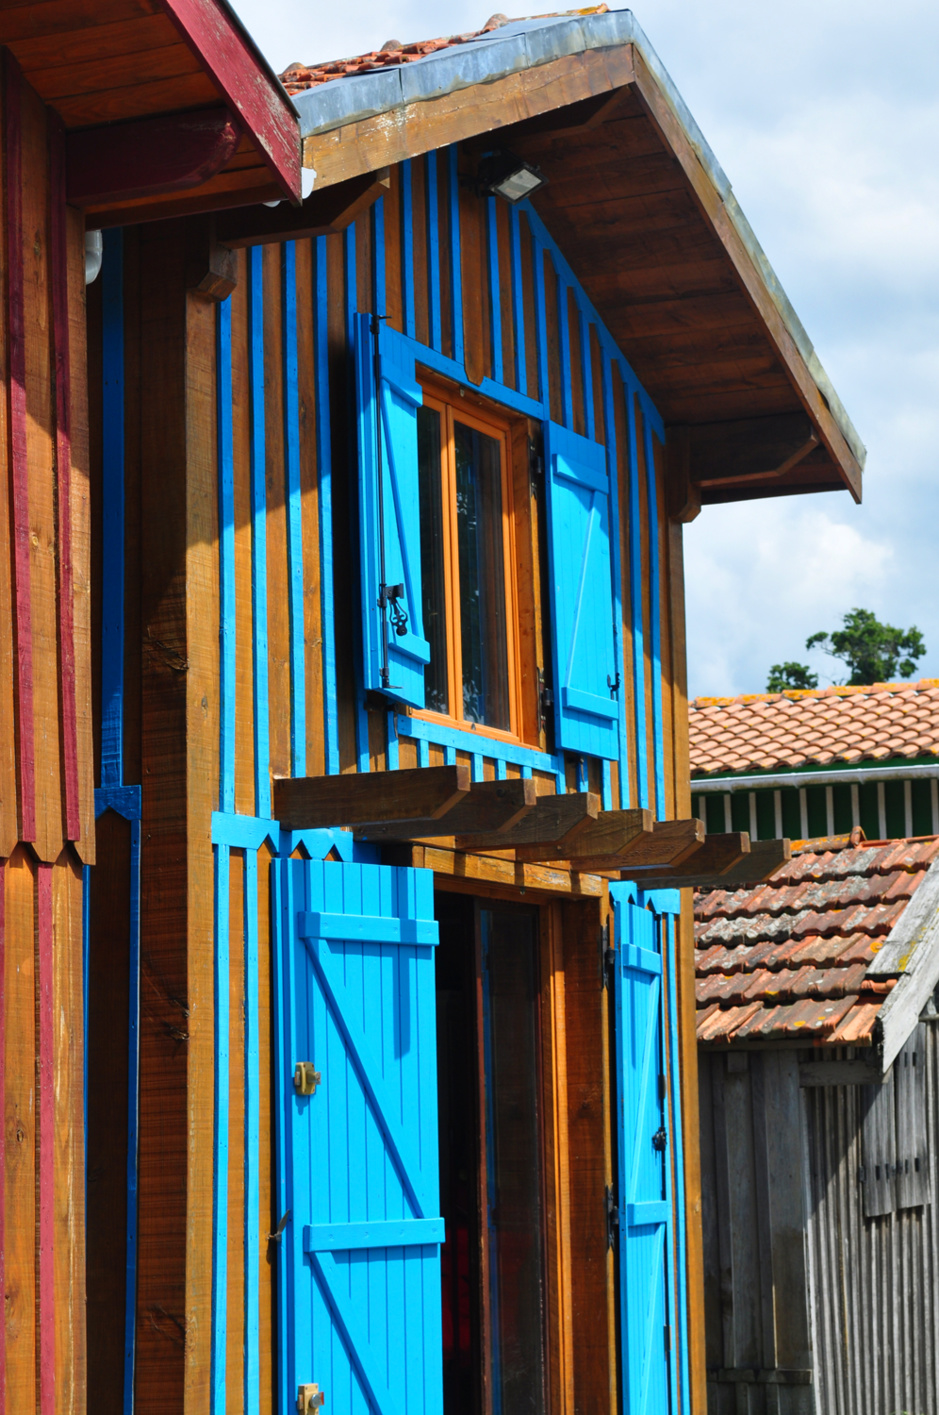 Couleur bleue d'une cabane au port de Biganos